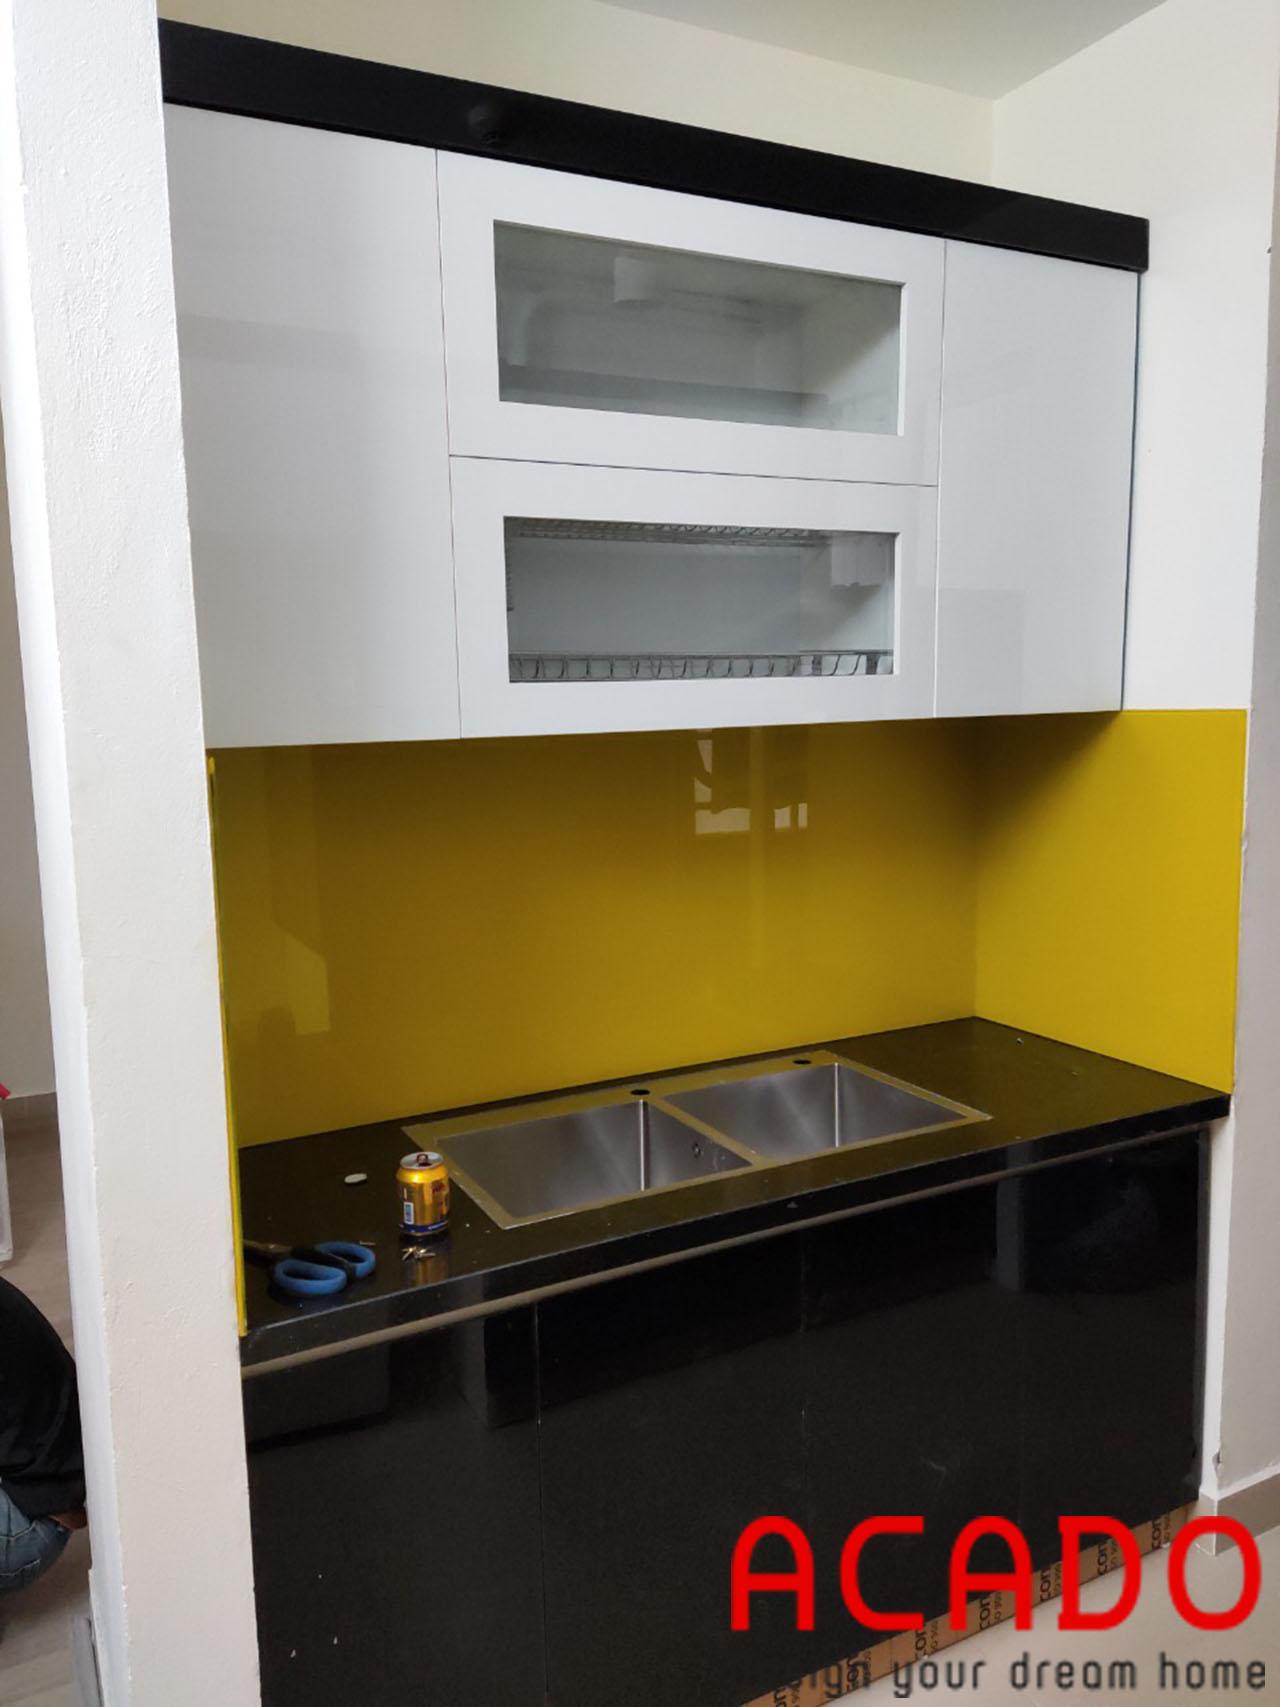 Hai màu đen trắng được ACADO kết hợp một cách hài hòa tạo vẻ đẹp cuốn hút cho căn bếp